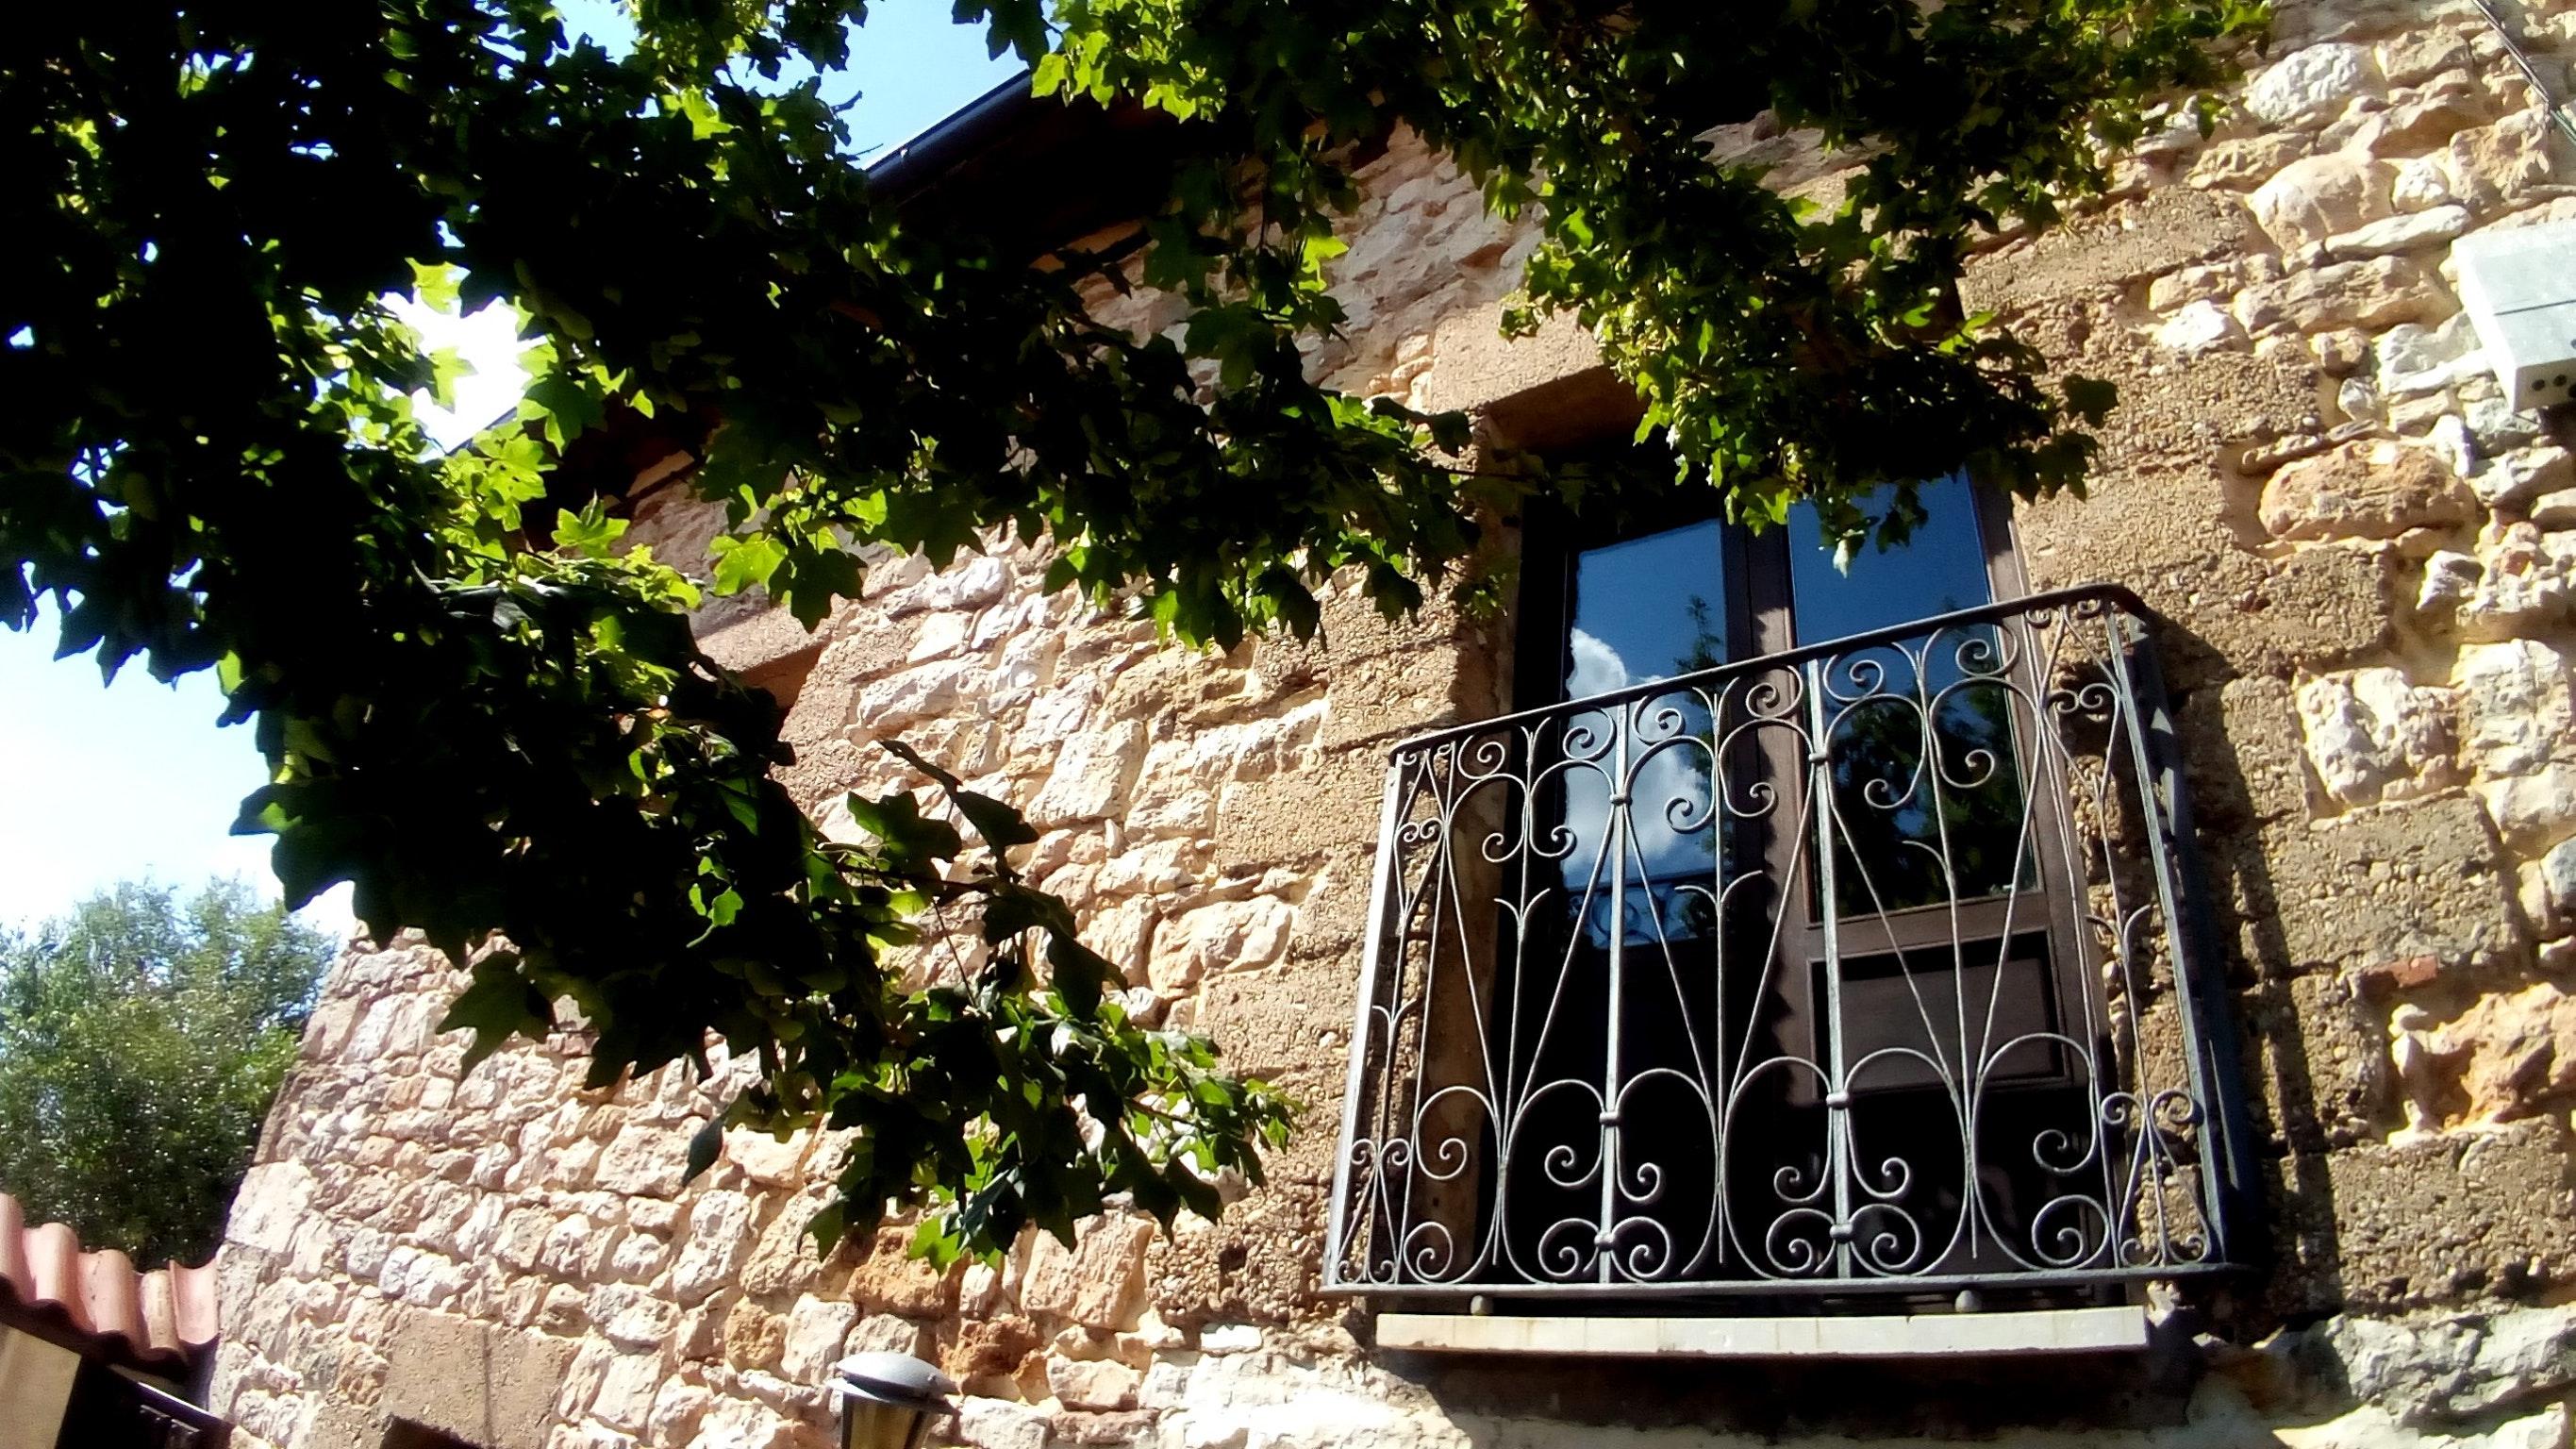 Ferienhaus Haus mit 5 Zimmern in Fuenteodra mit toller Aussicht auf die Berge, eingezäuntem Garten un (2211142), Fuenteodra, Burgos, Kastilien-León, Spanien, Bild 56